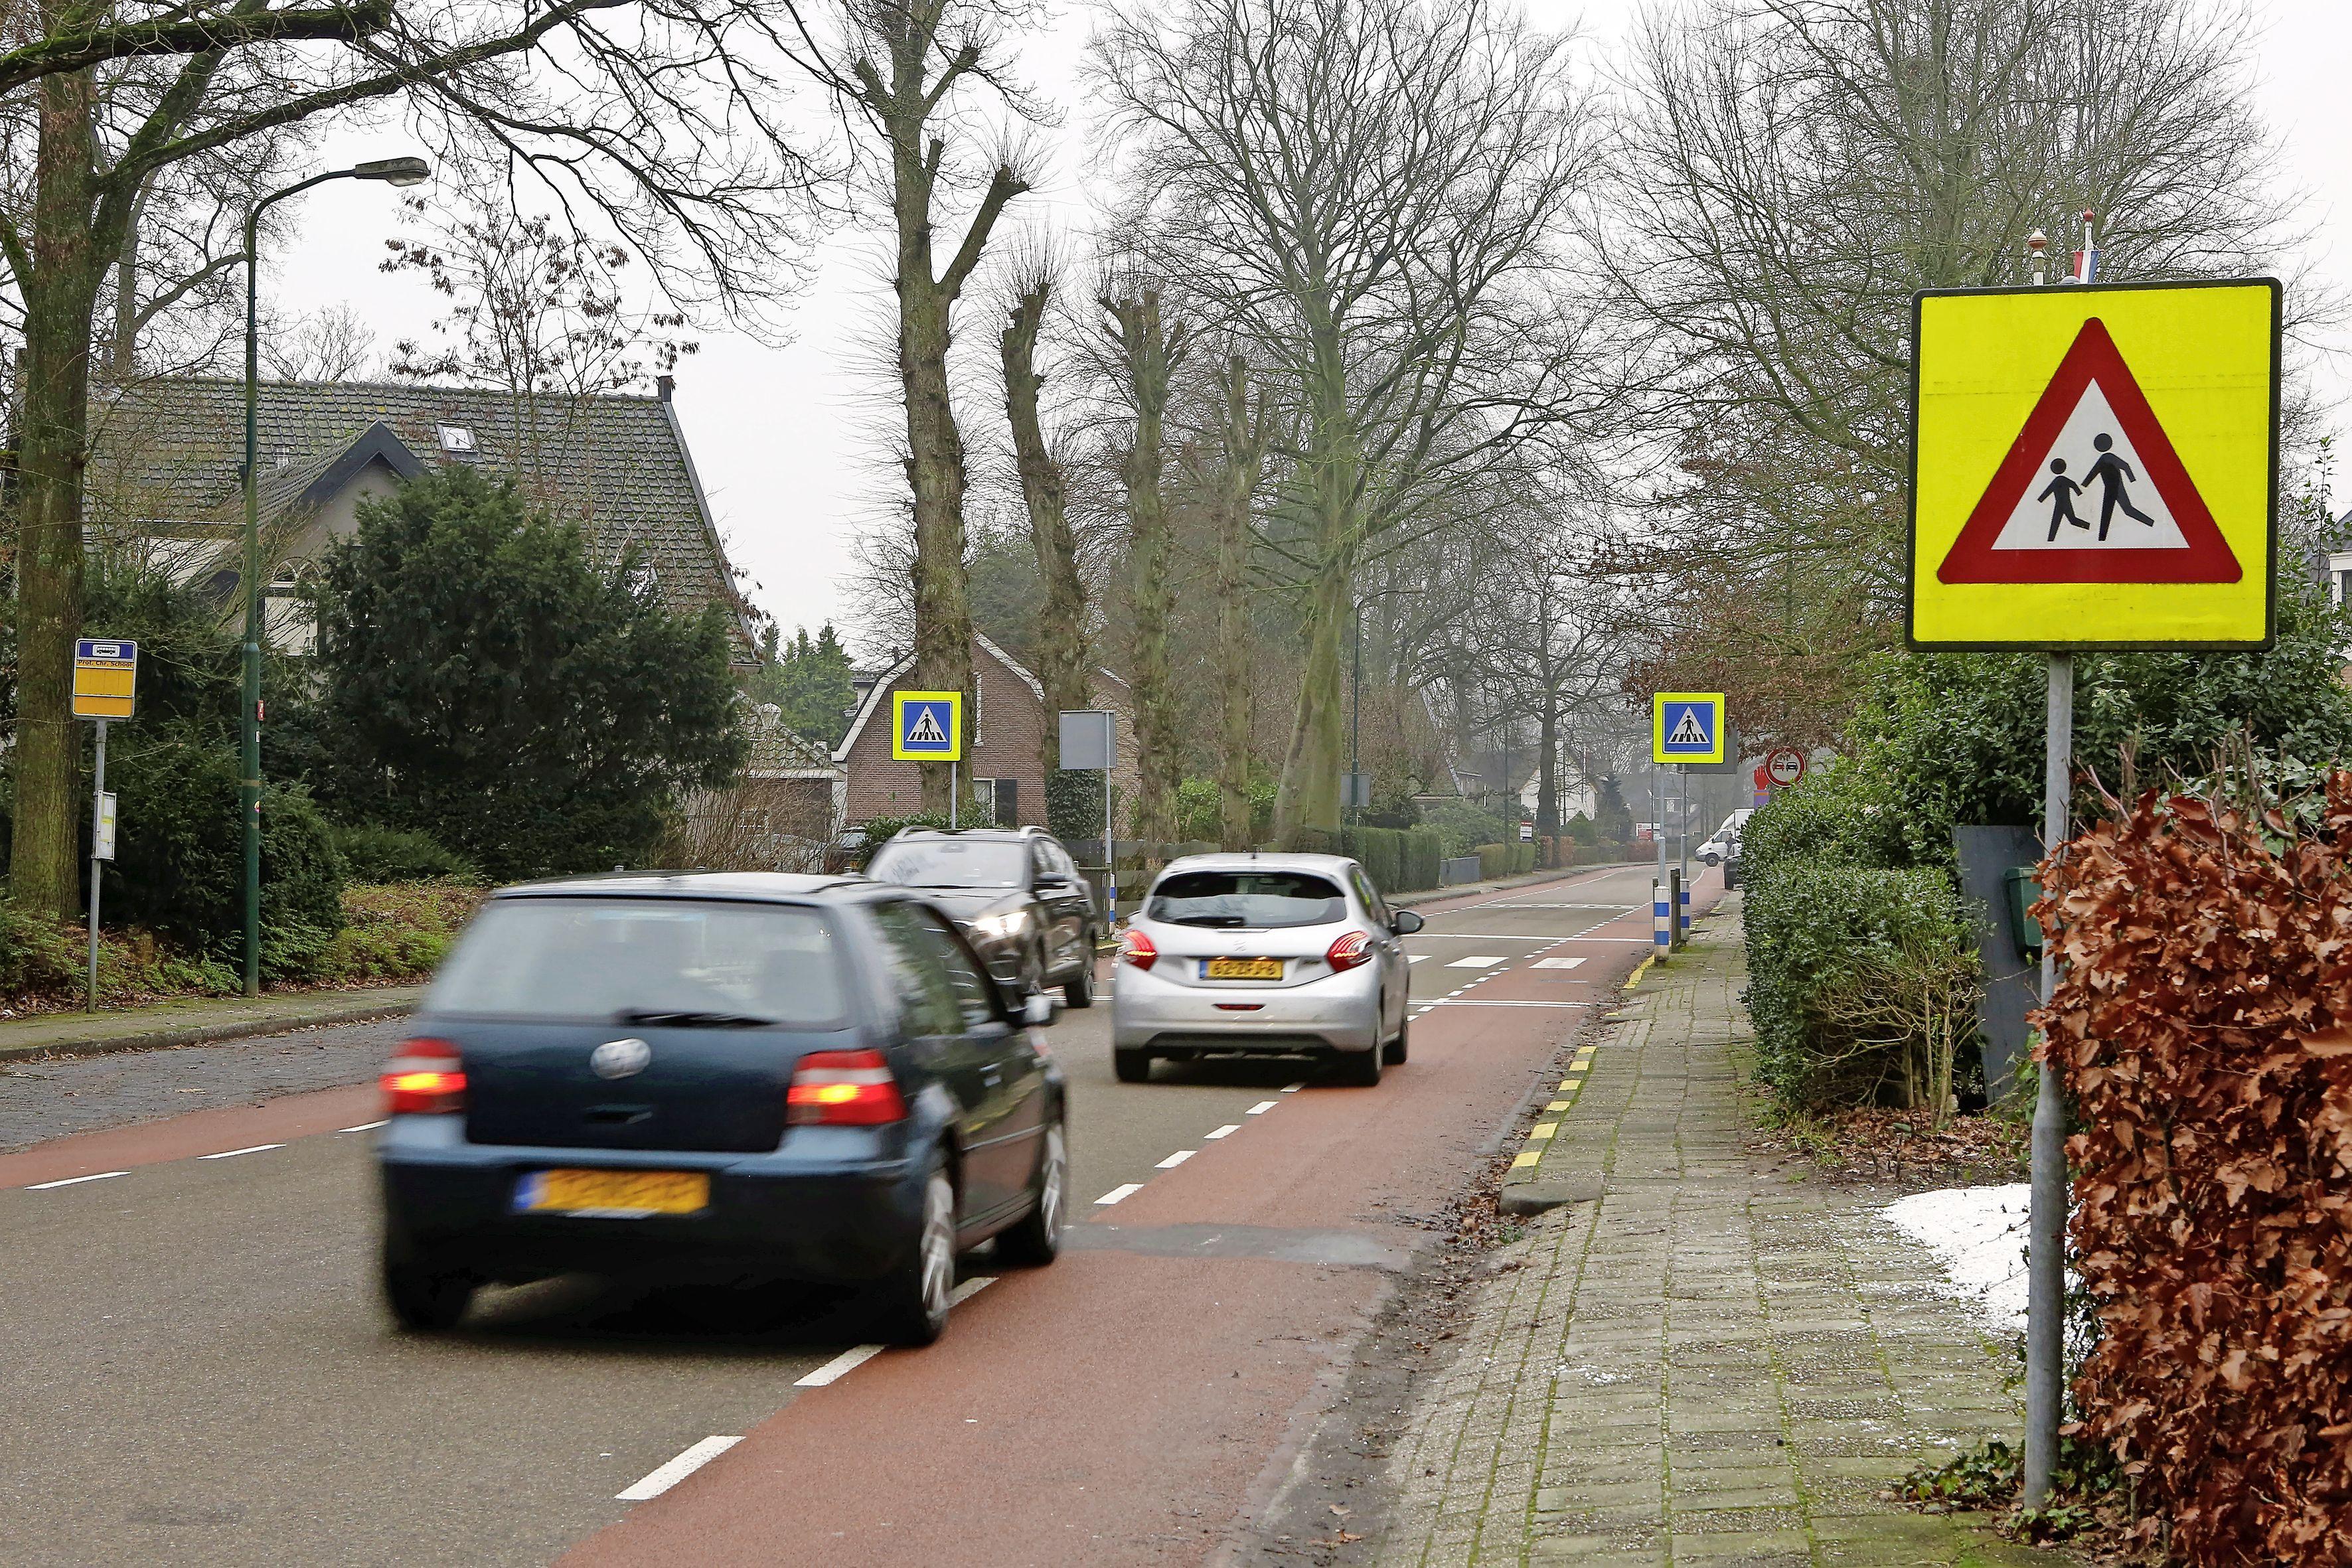 Wethouder krijgt vrije hand bij aanpak grootste verkeersknelpunten Wijdemeren, hij mag 100.000 euro uitgeven